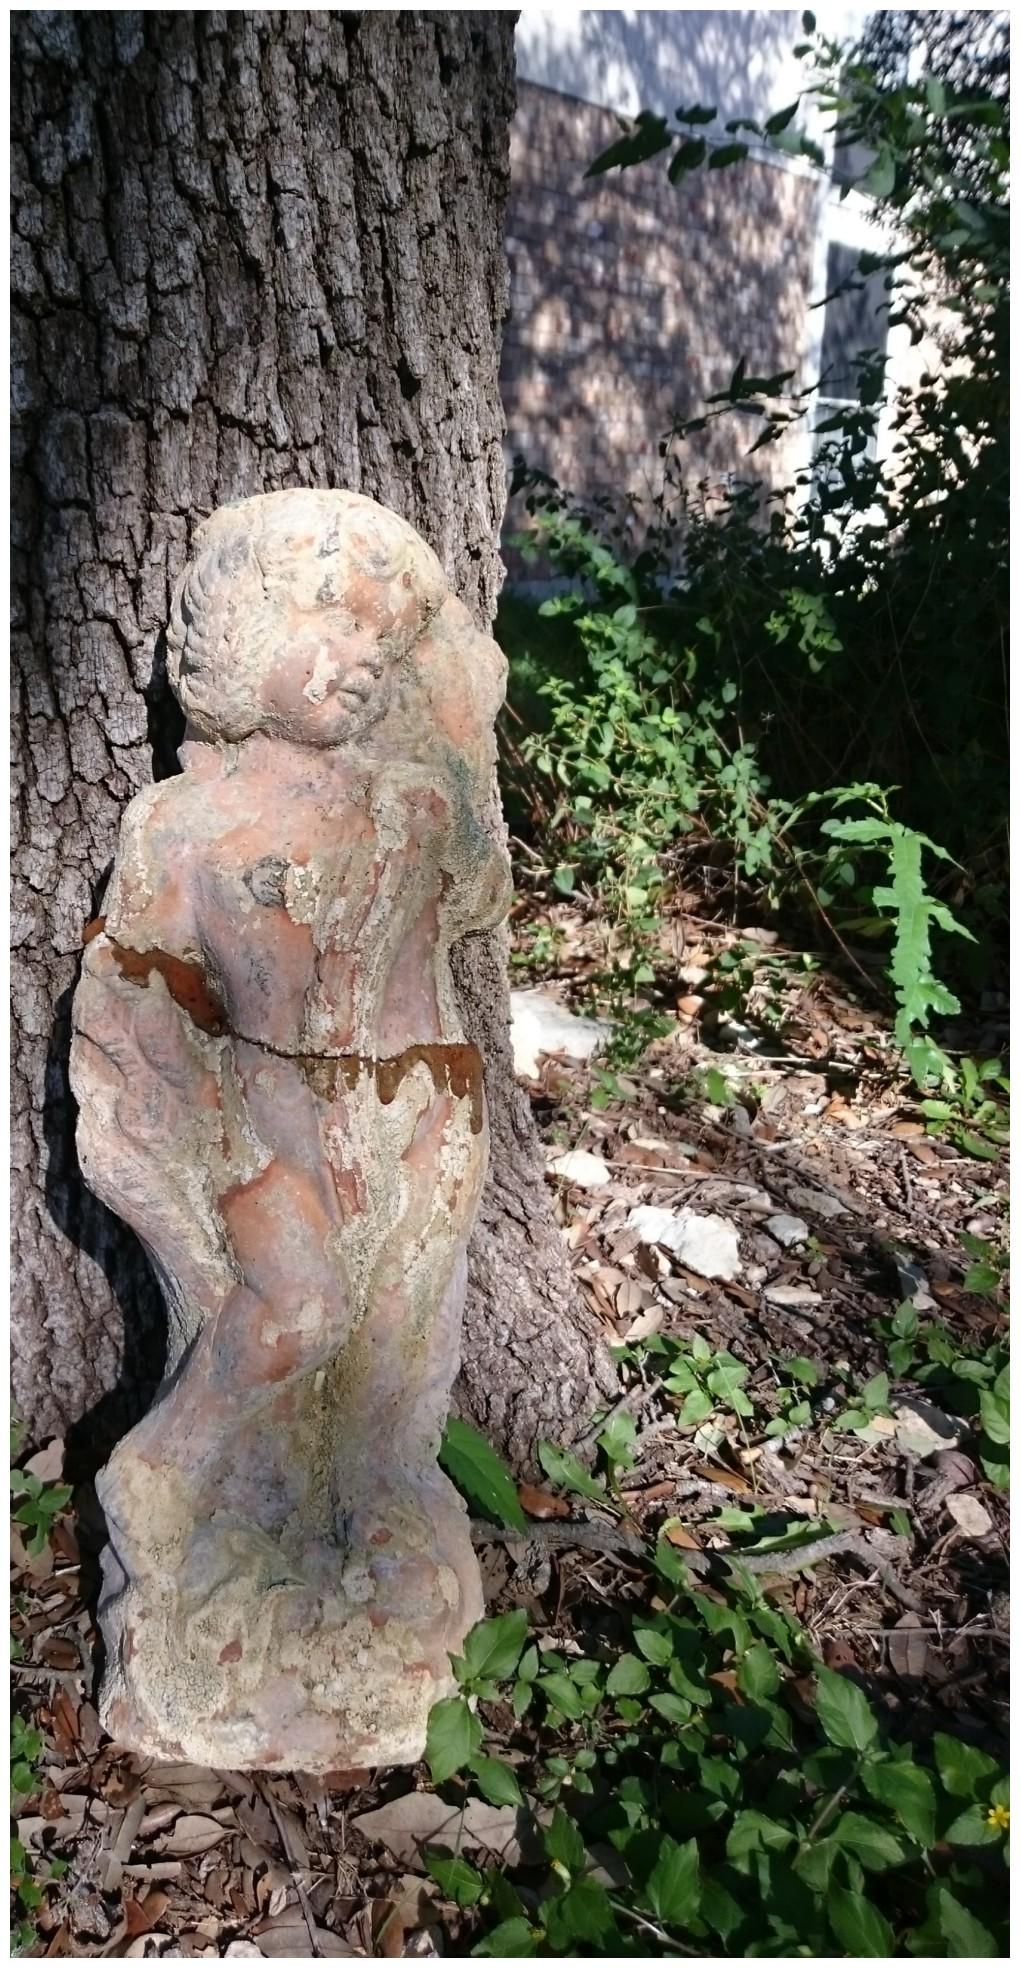 Neighbor's Statue